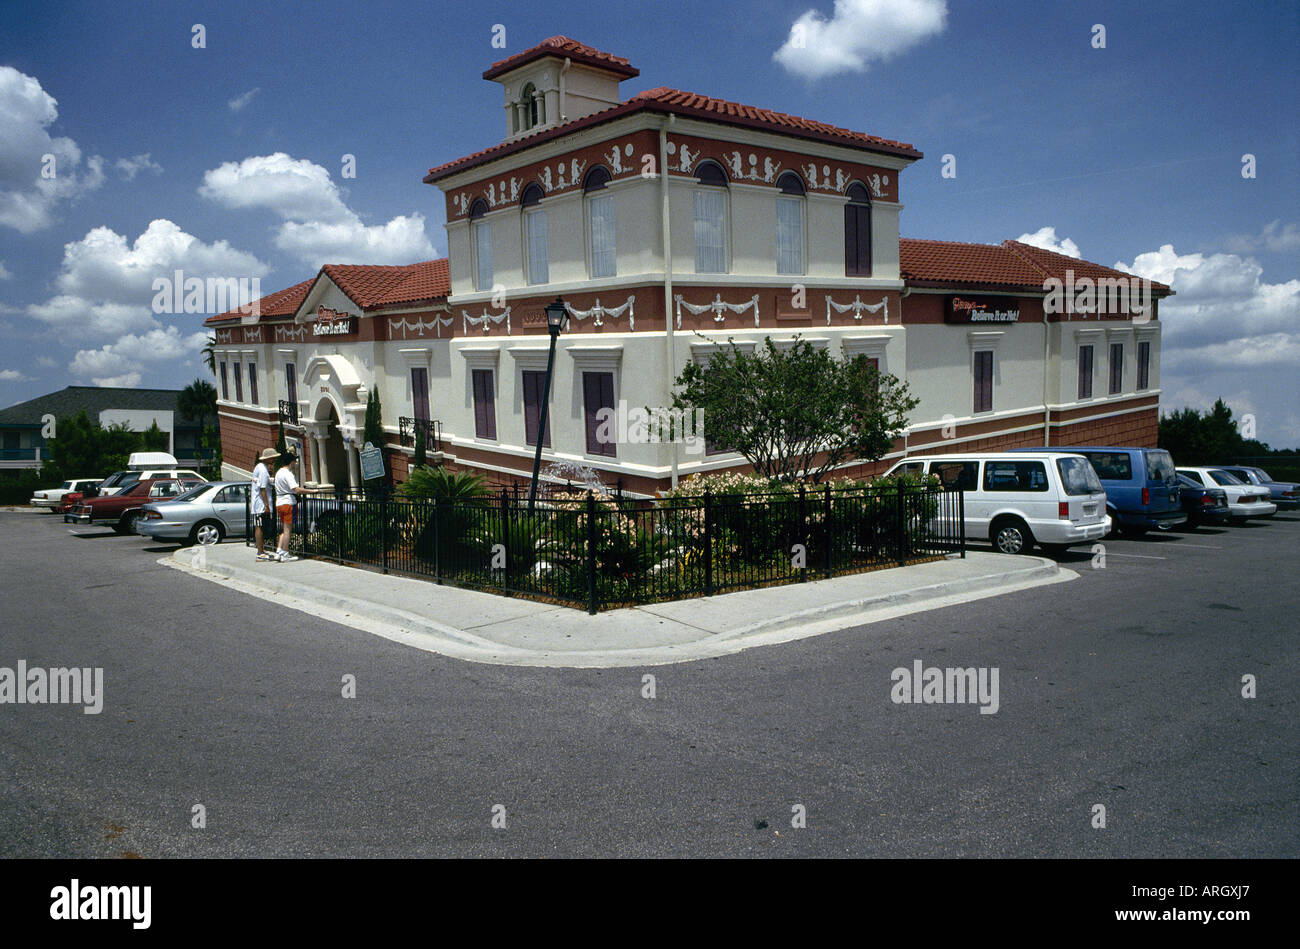 Muse aux visiteurs d'apparence inclinée Ripley s Believe it or Not bâtiment qu'elle abrite un musée dédié à l'étrange et merveilleux Orlando Photo Stock